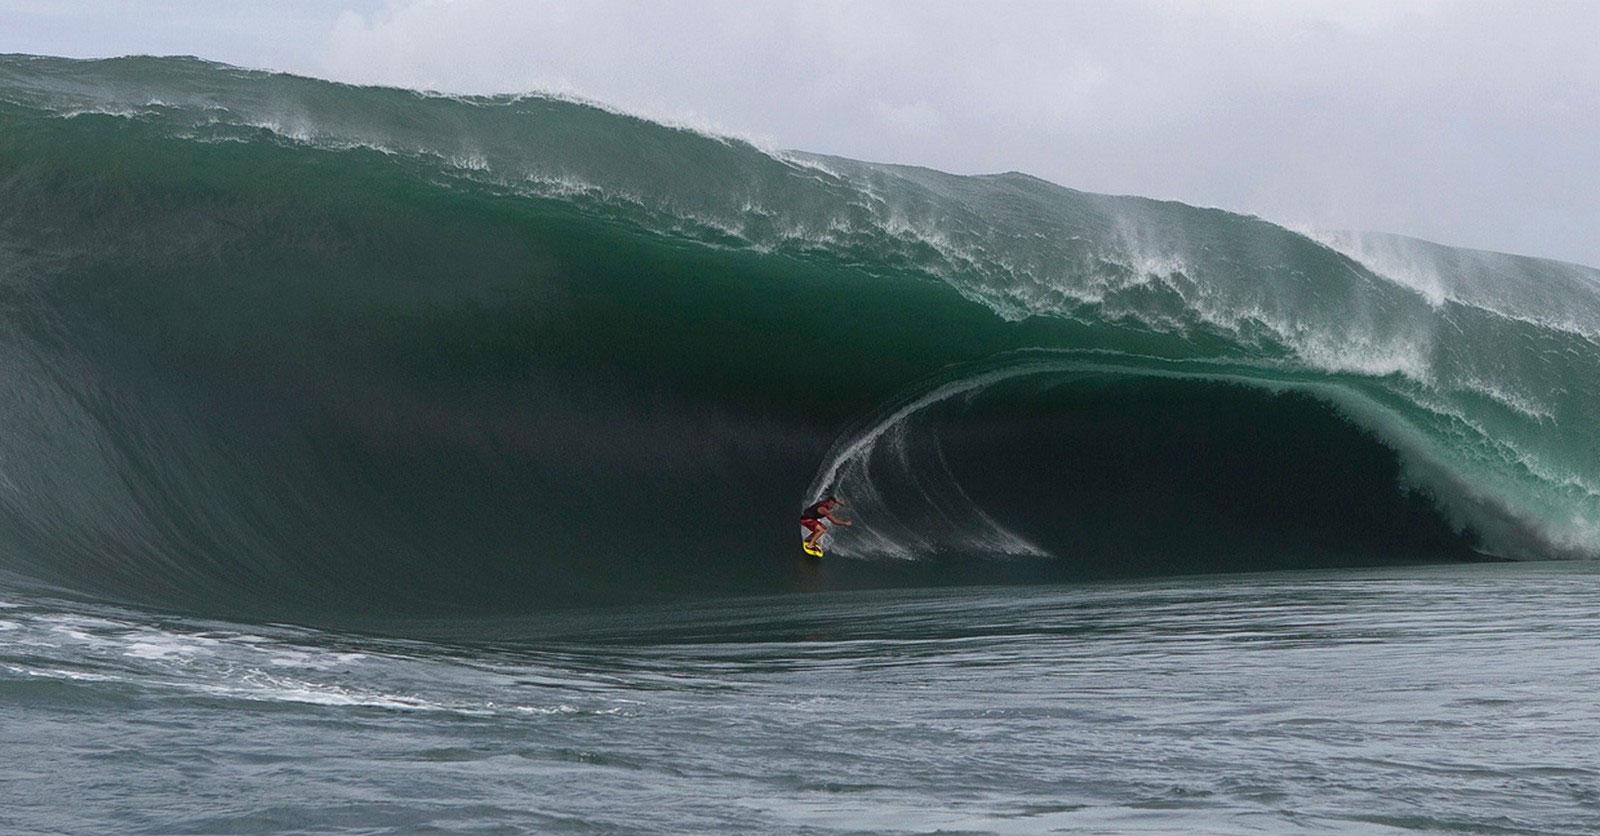 профессиональный серфер, фото